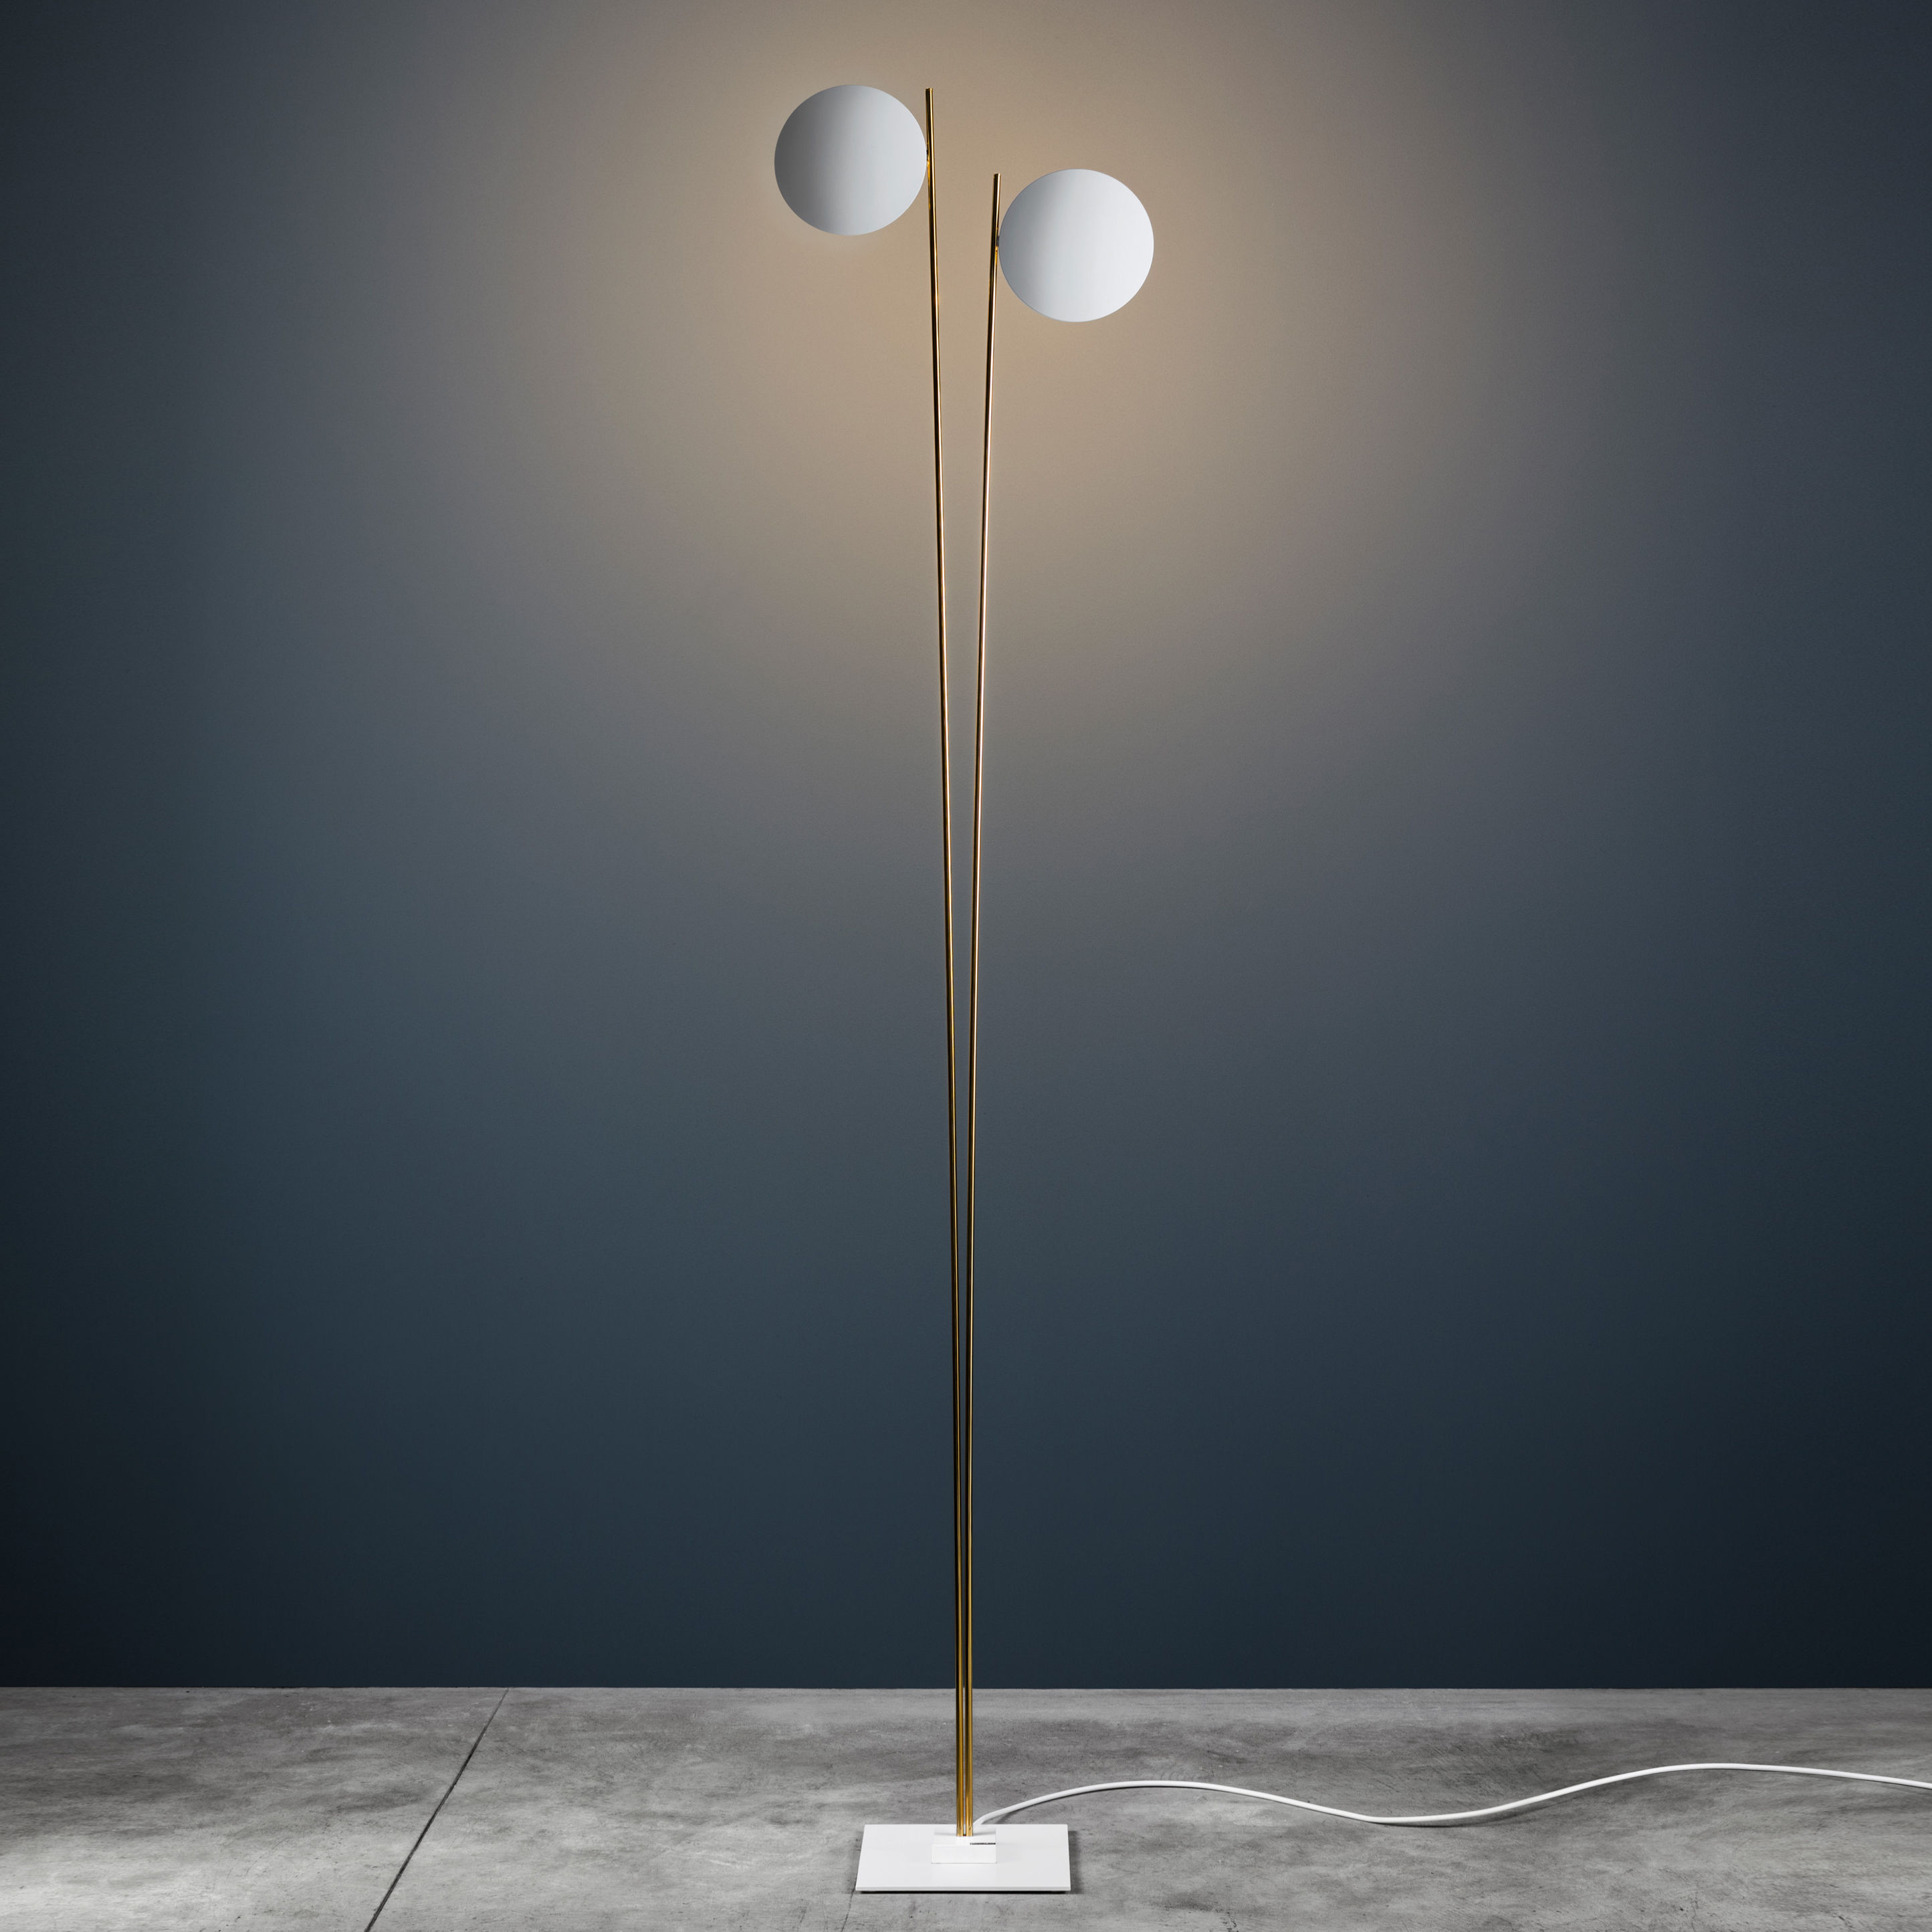 Leuchten - Stehleuchten - Lederam F2 Stehleuchte / LED - H 198 cm - Catellani & Smith - Schalen weiß / Stab goldfarben / Wandhalterung weiß - bemaltes Aluminium, Métal doré